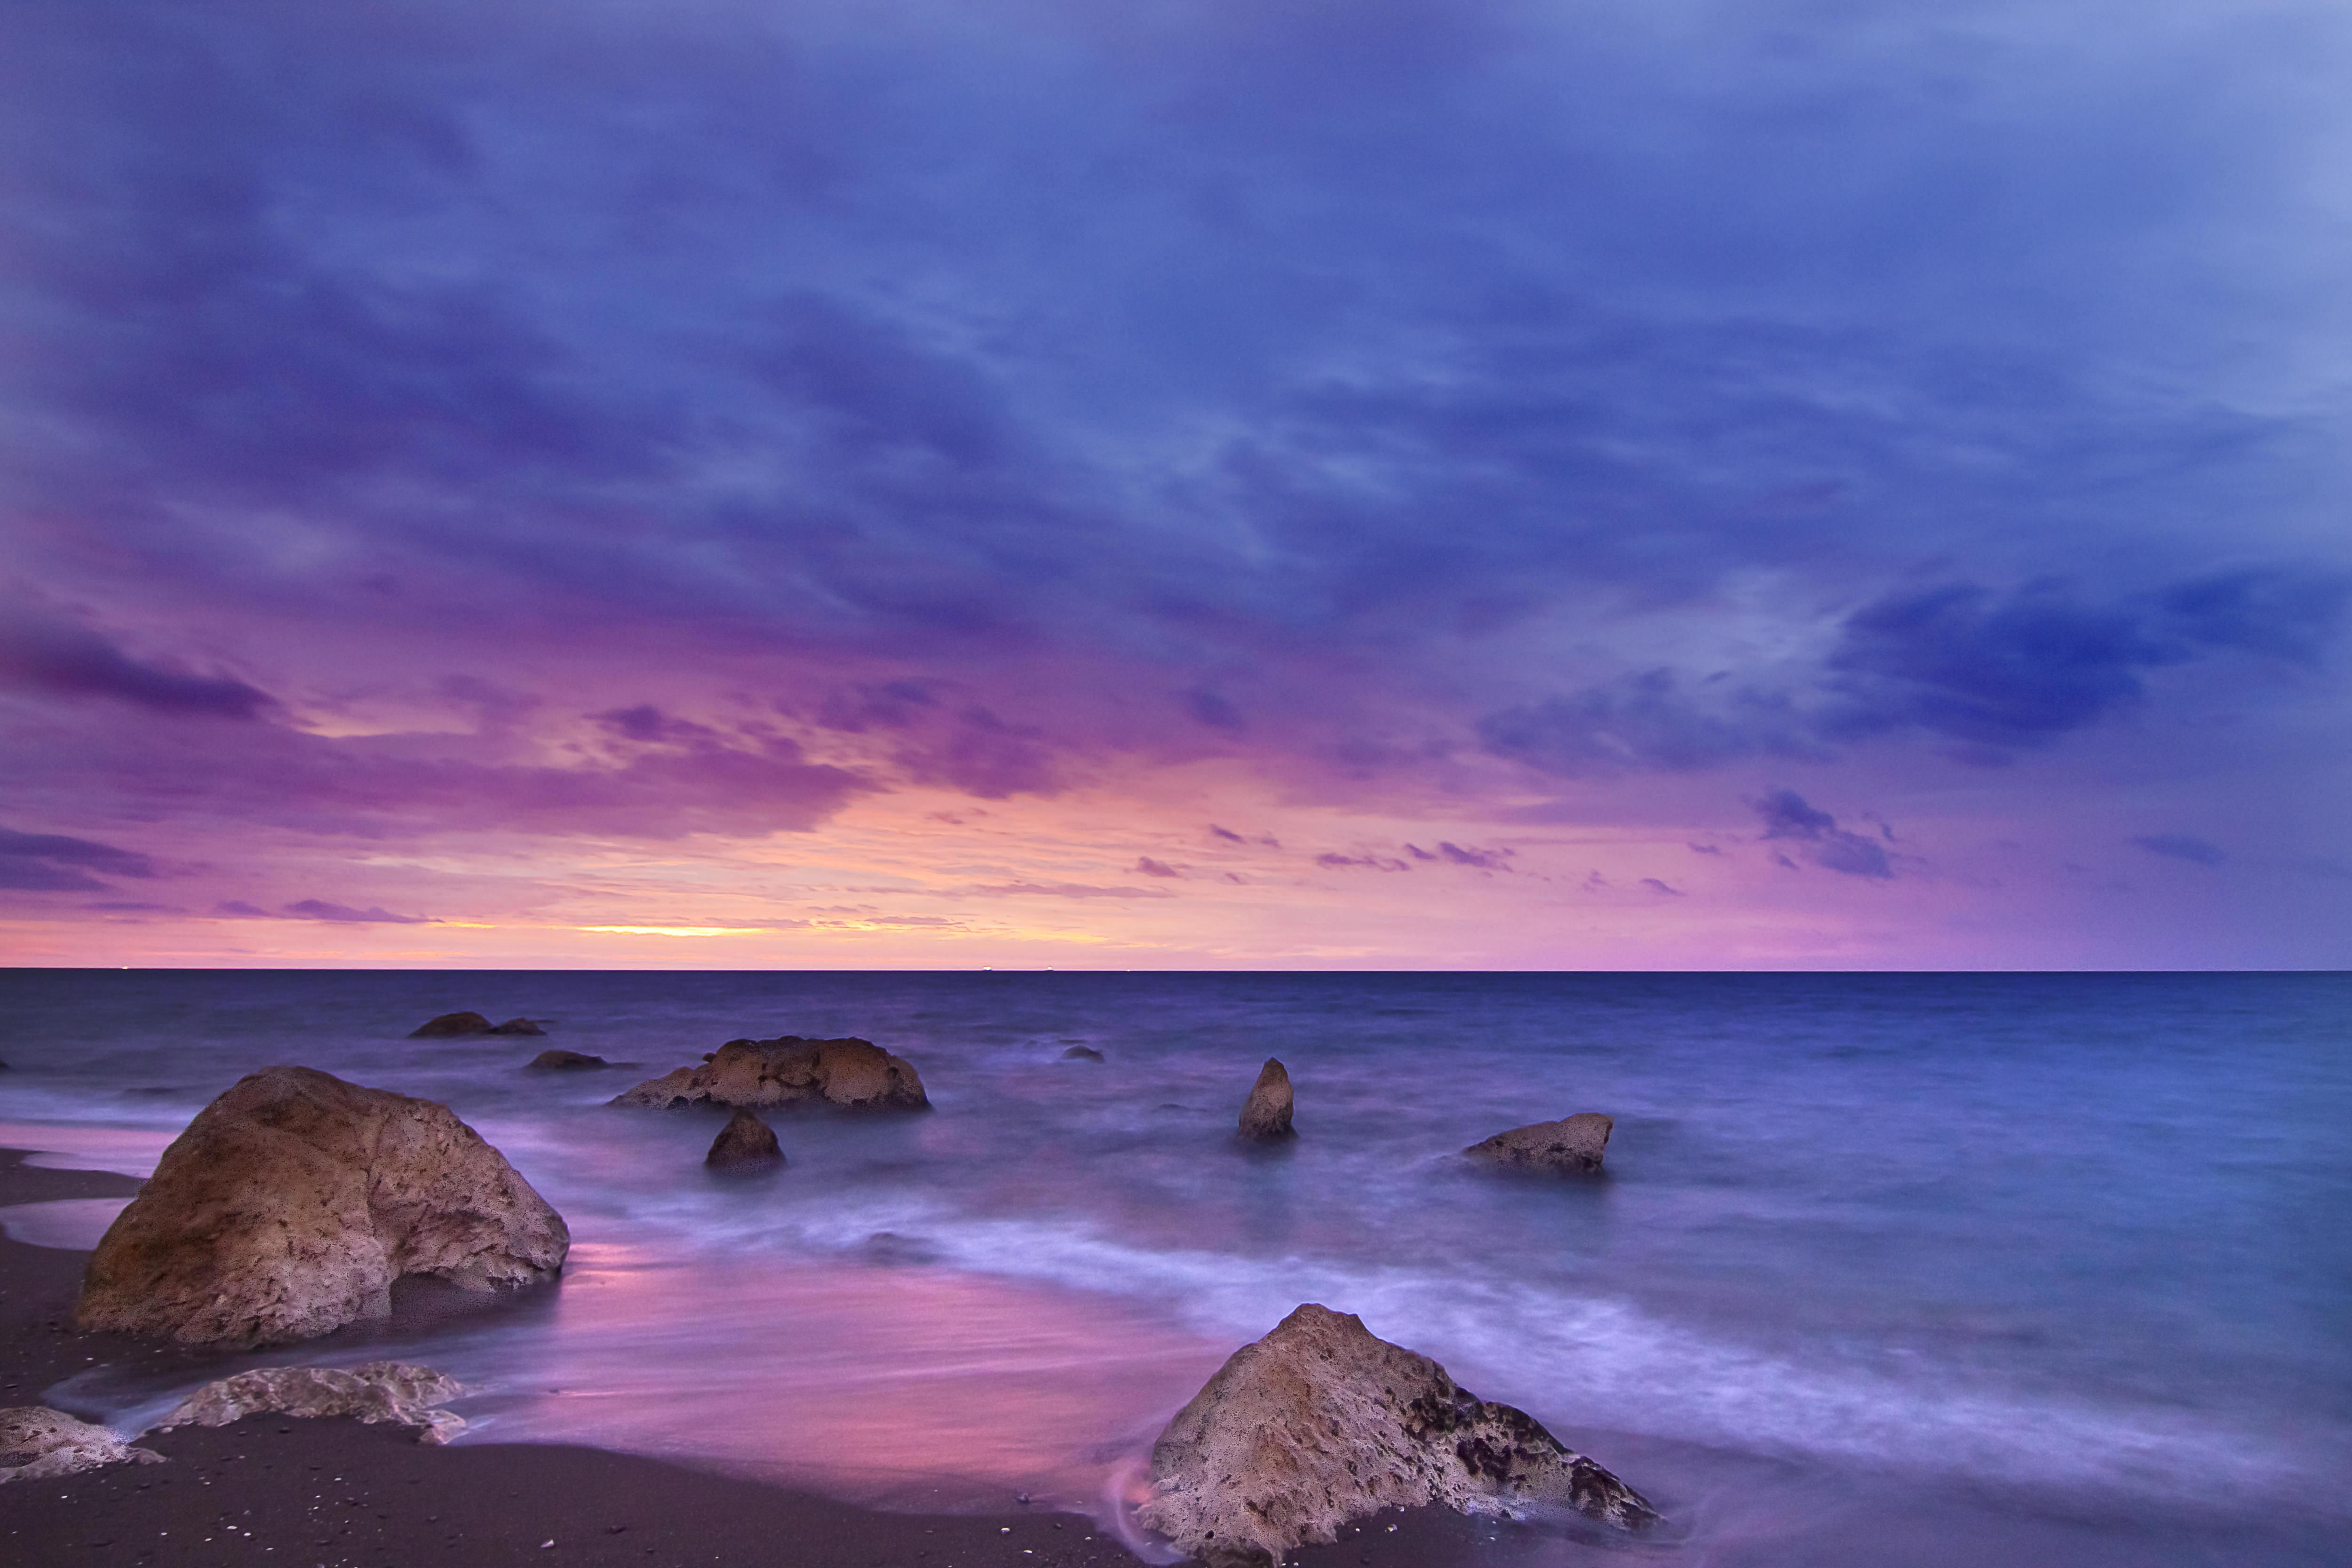 камни сумерки вечер море бесплатно